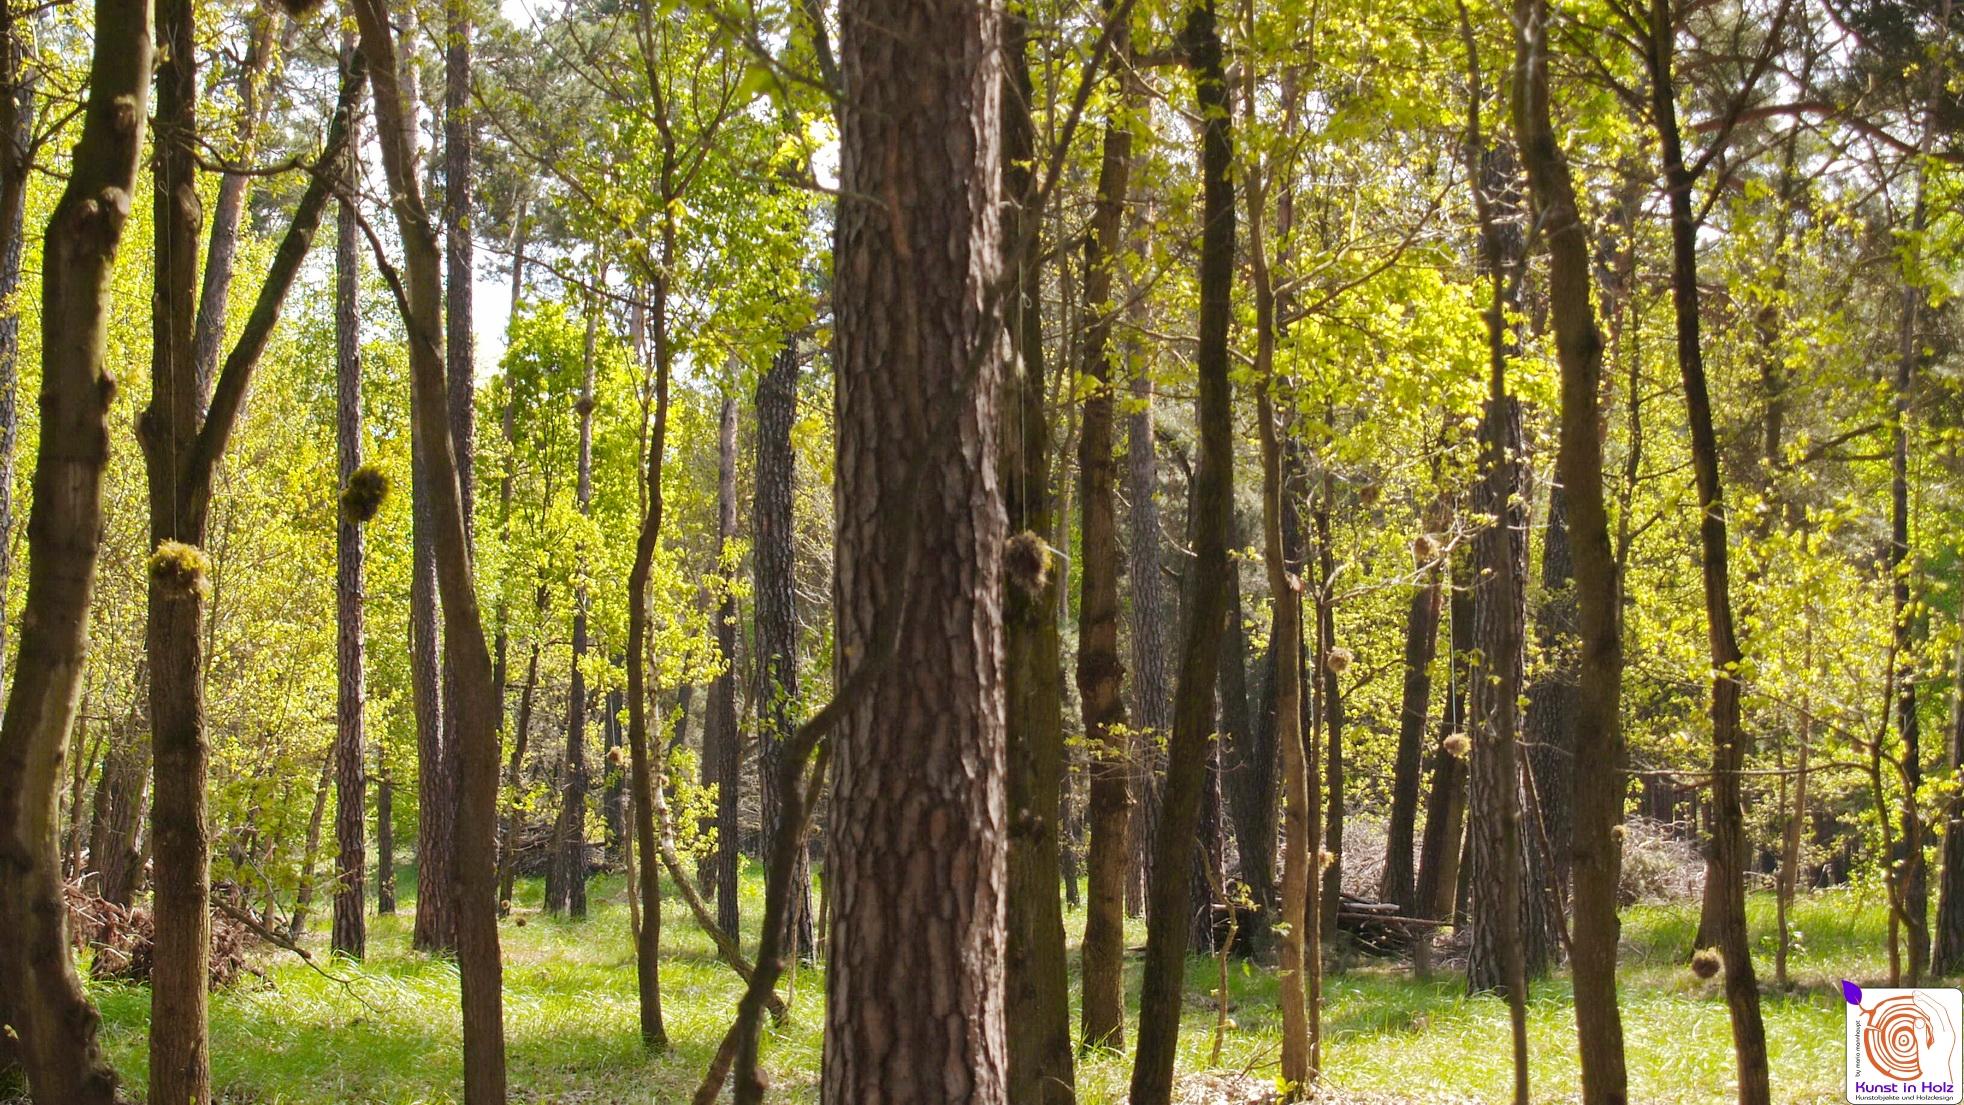 Mooskugeln - Land Art im Wald der Sinne by Mario Mannhaupt